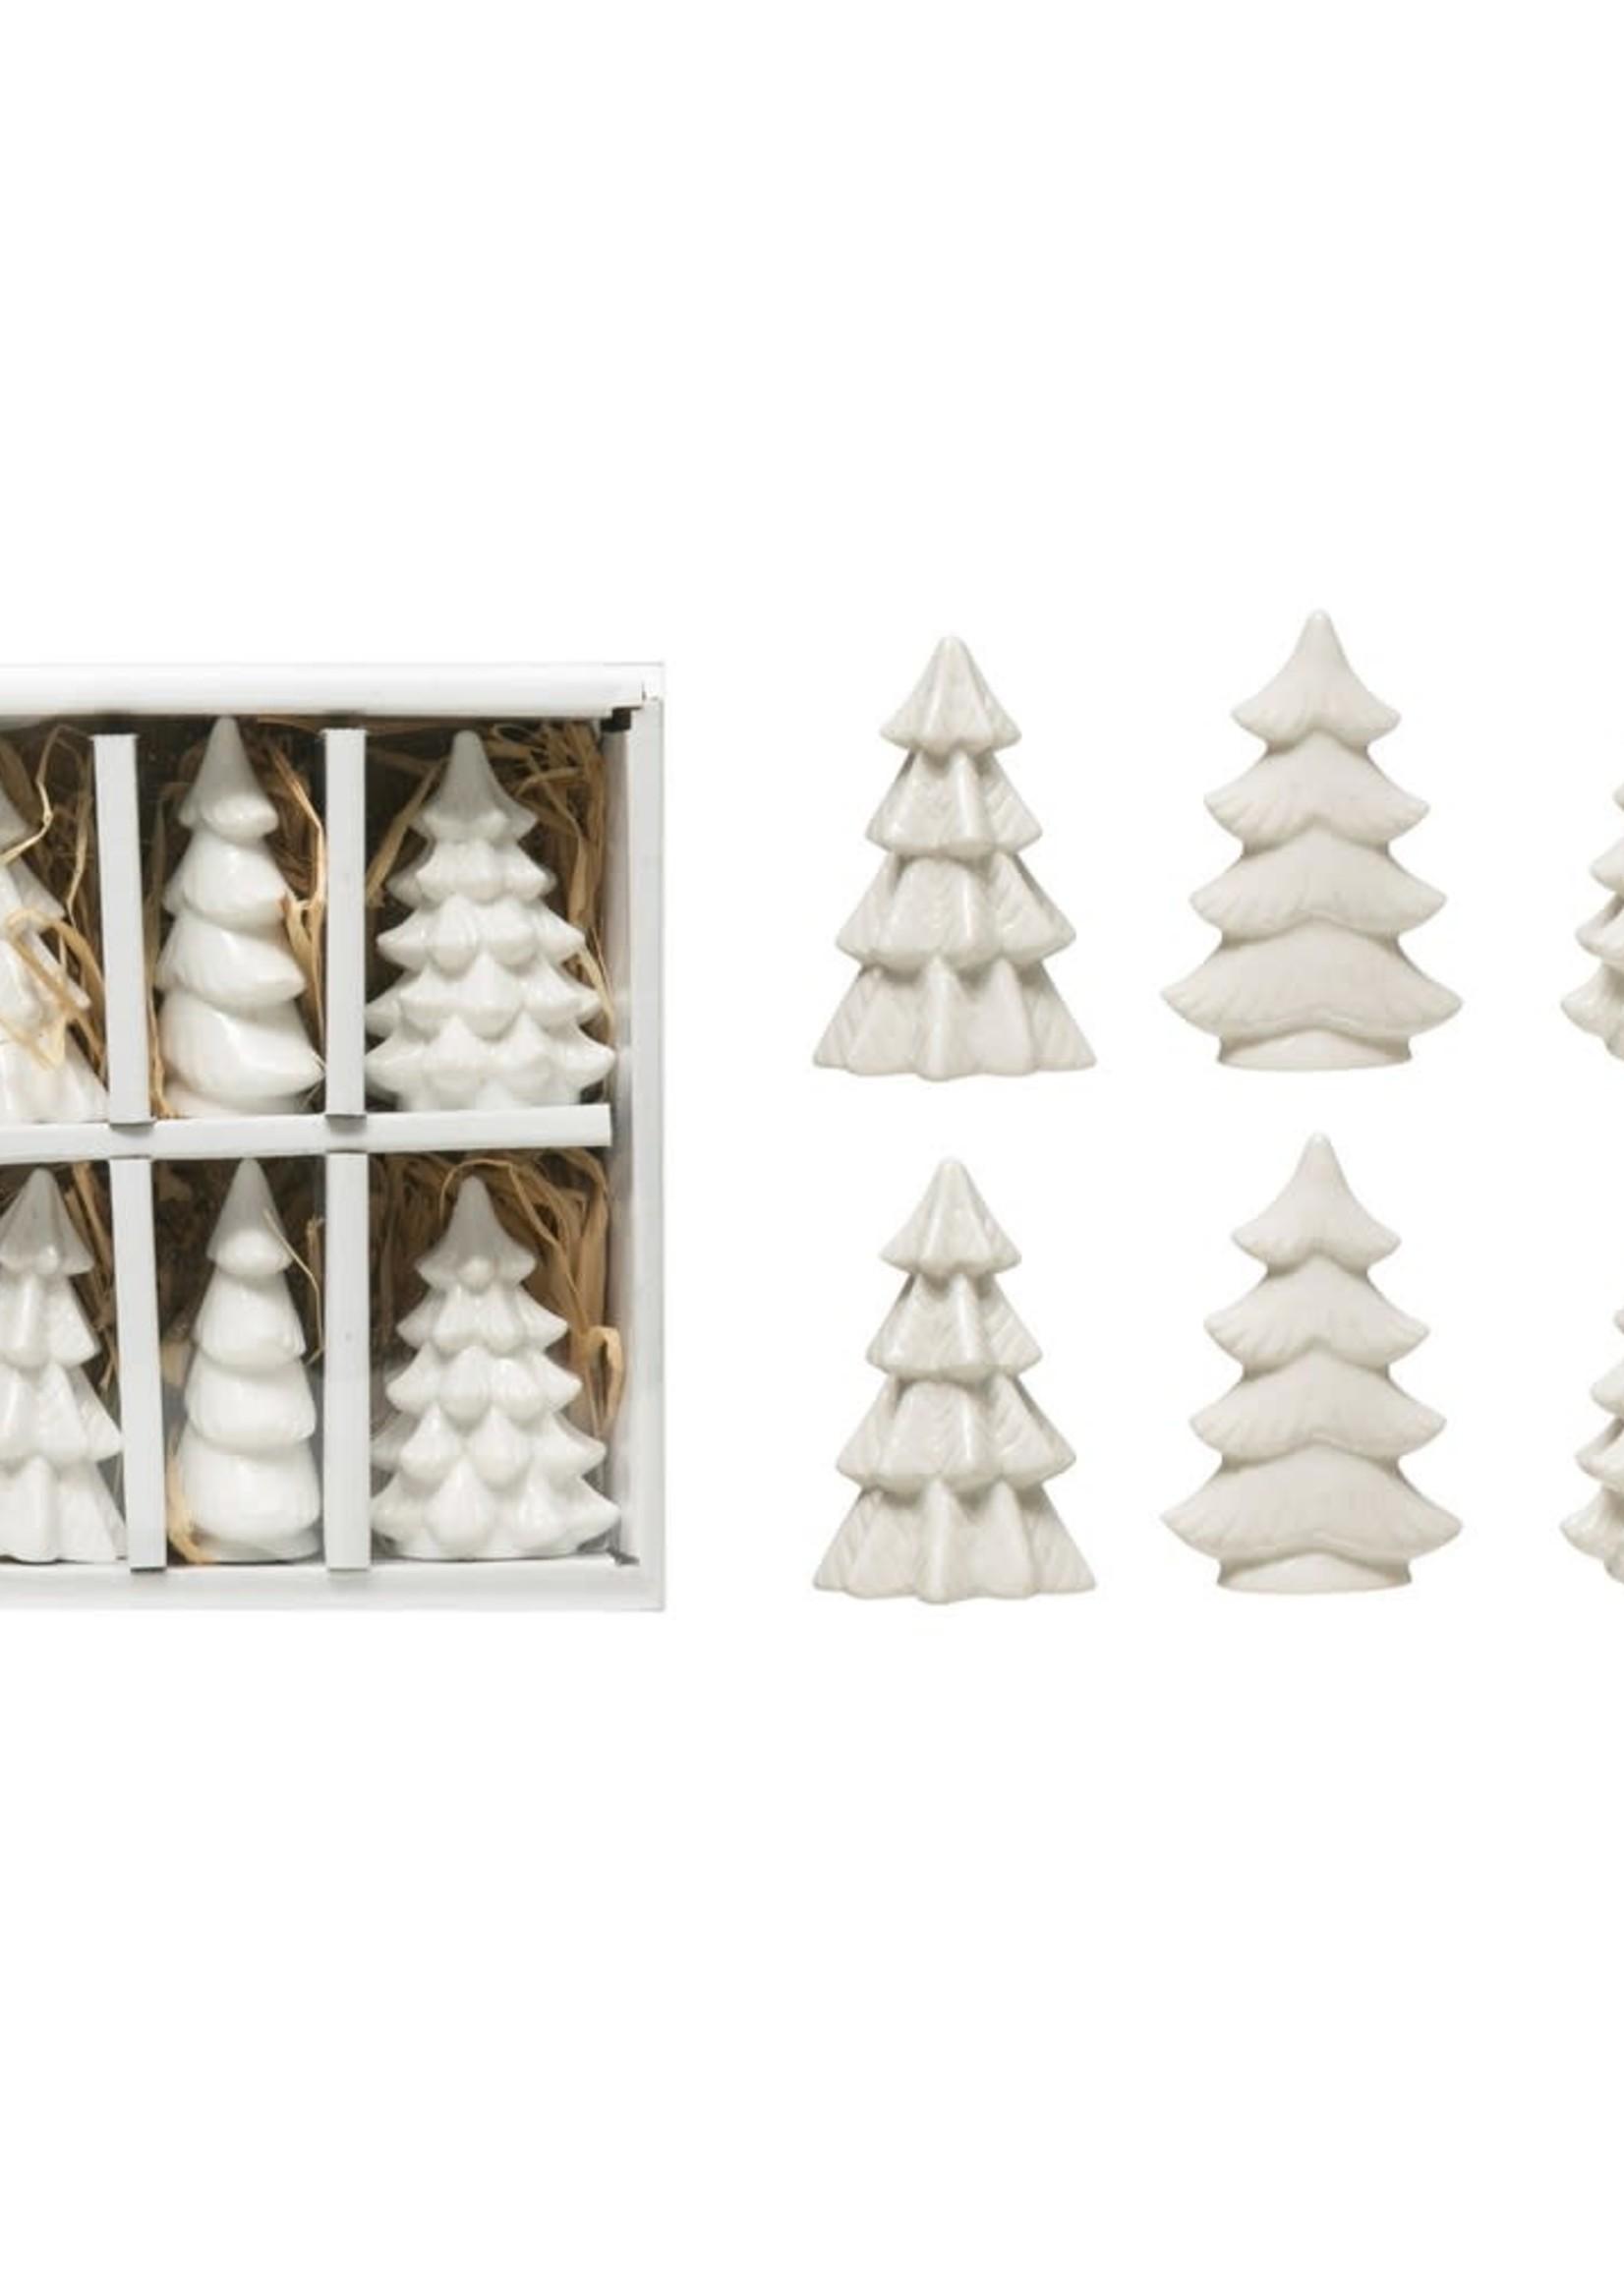 """2-1/2""""H Stoneware Trees, White, Boxed Set of 6"""